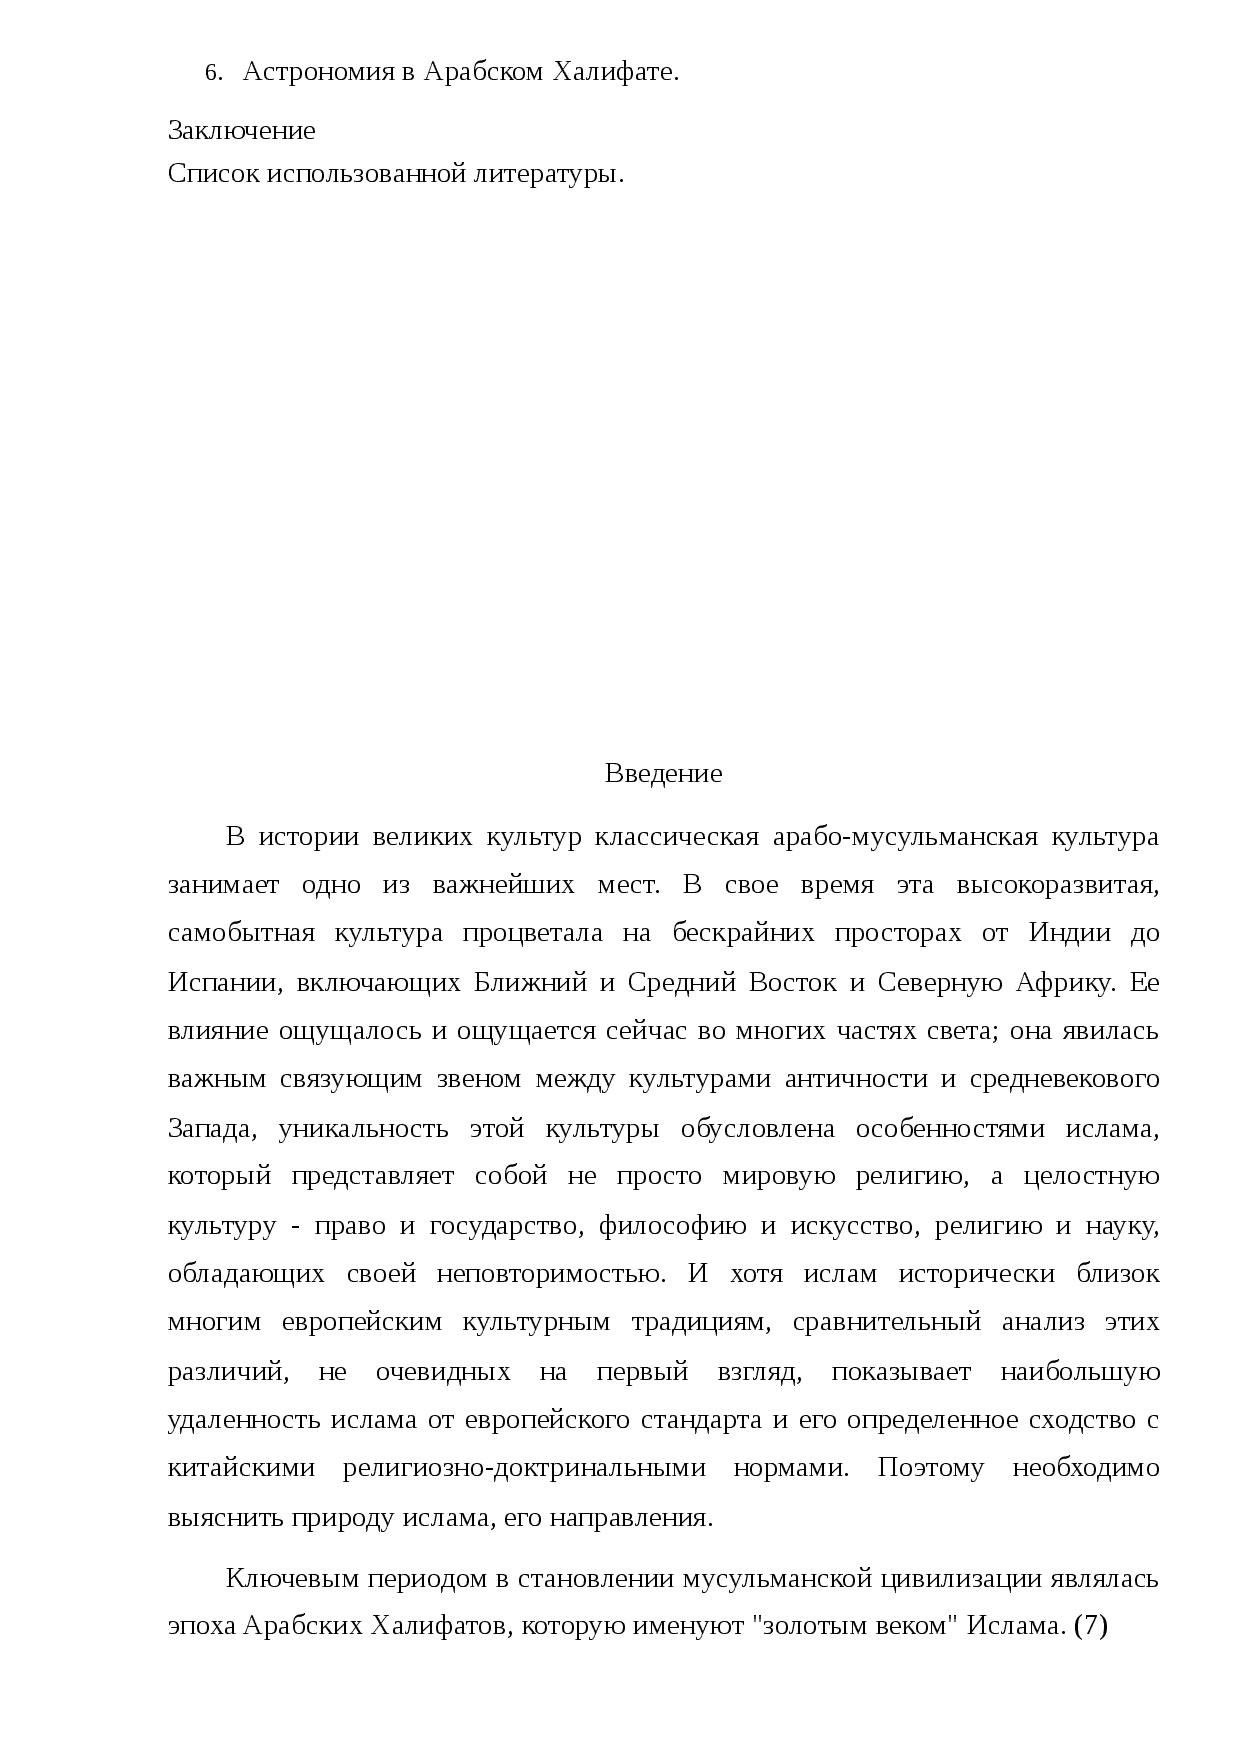 Что такое халифат? определение, история :: syl.ru